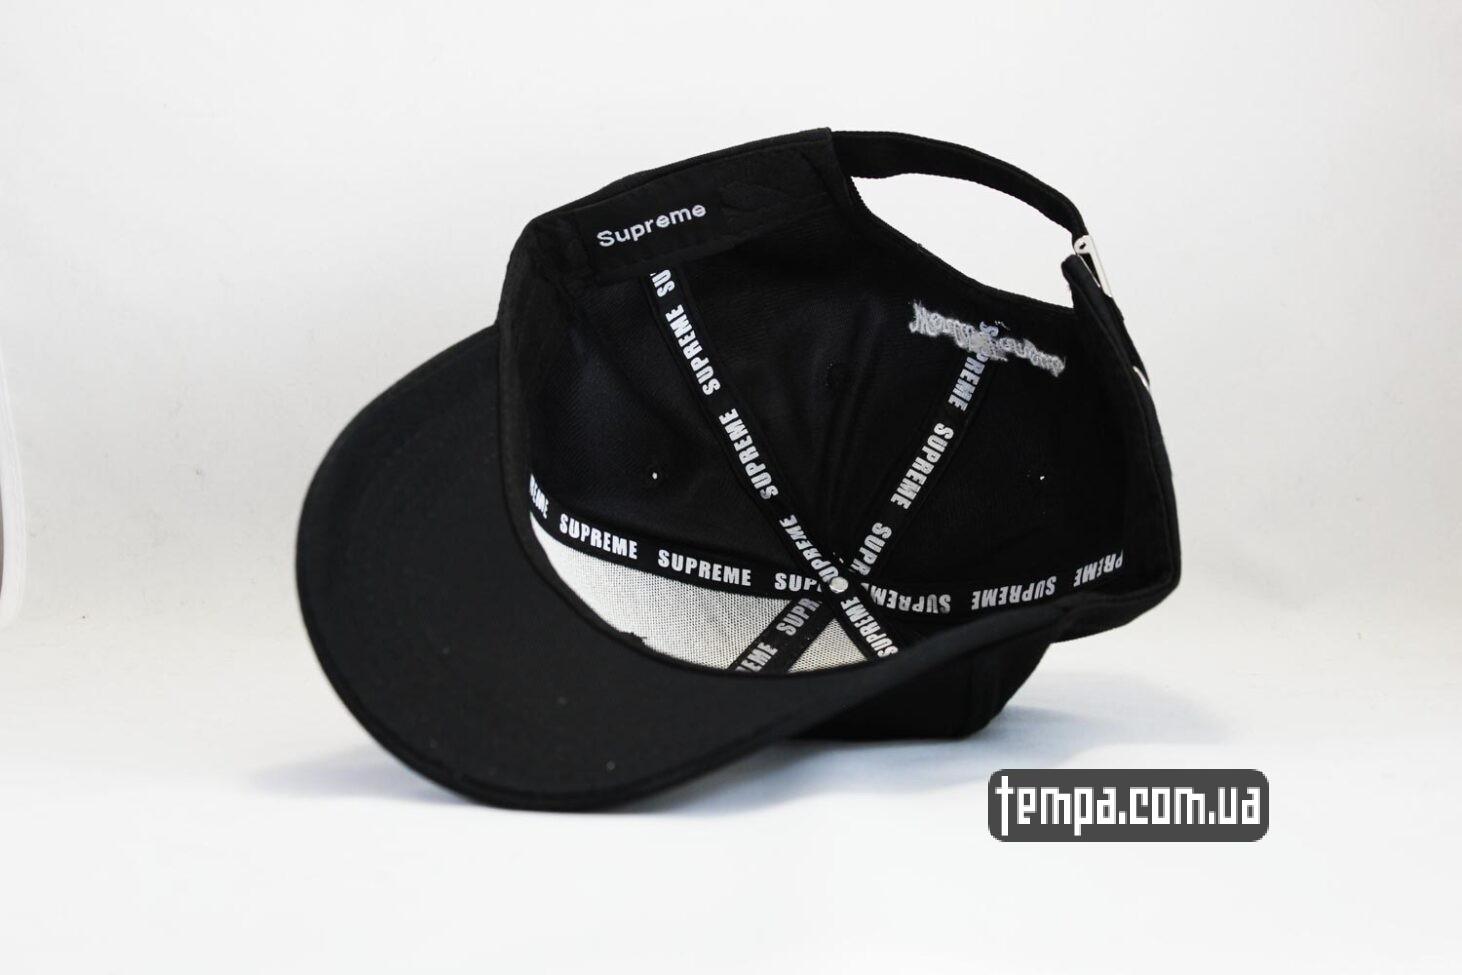 суприм черная кепка бейсболка supreme черный логотип суприм украина